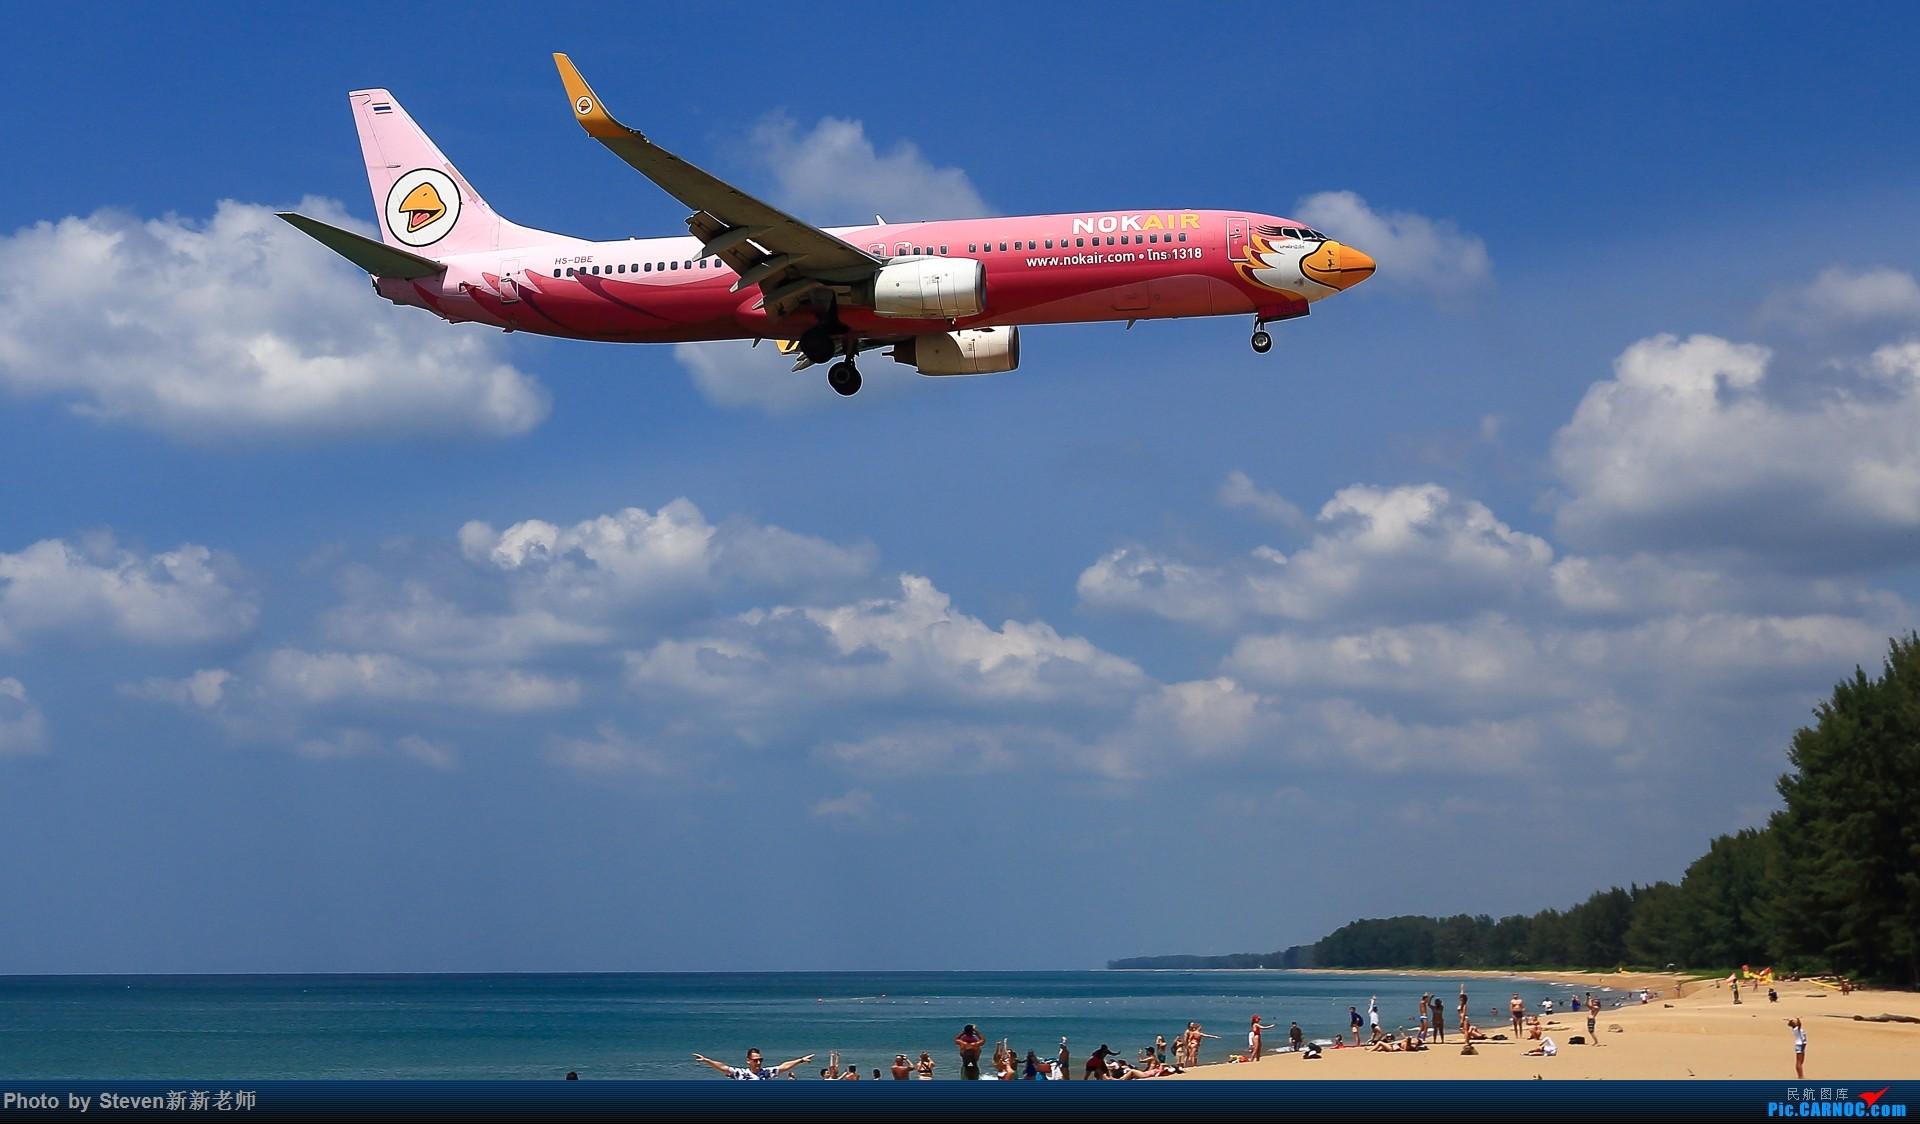 """Re:[原创]亚洲""""圣马丁岛""""—普吉国际机场拍机 BOEING 737-800 HS-DBE 泰国普吉机场"""